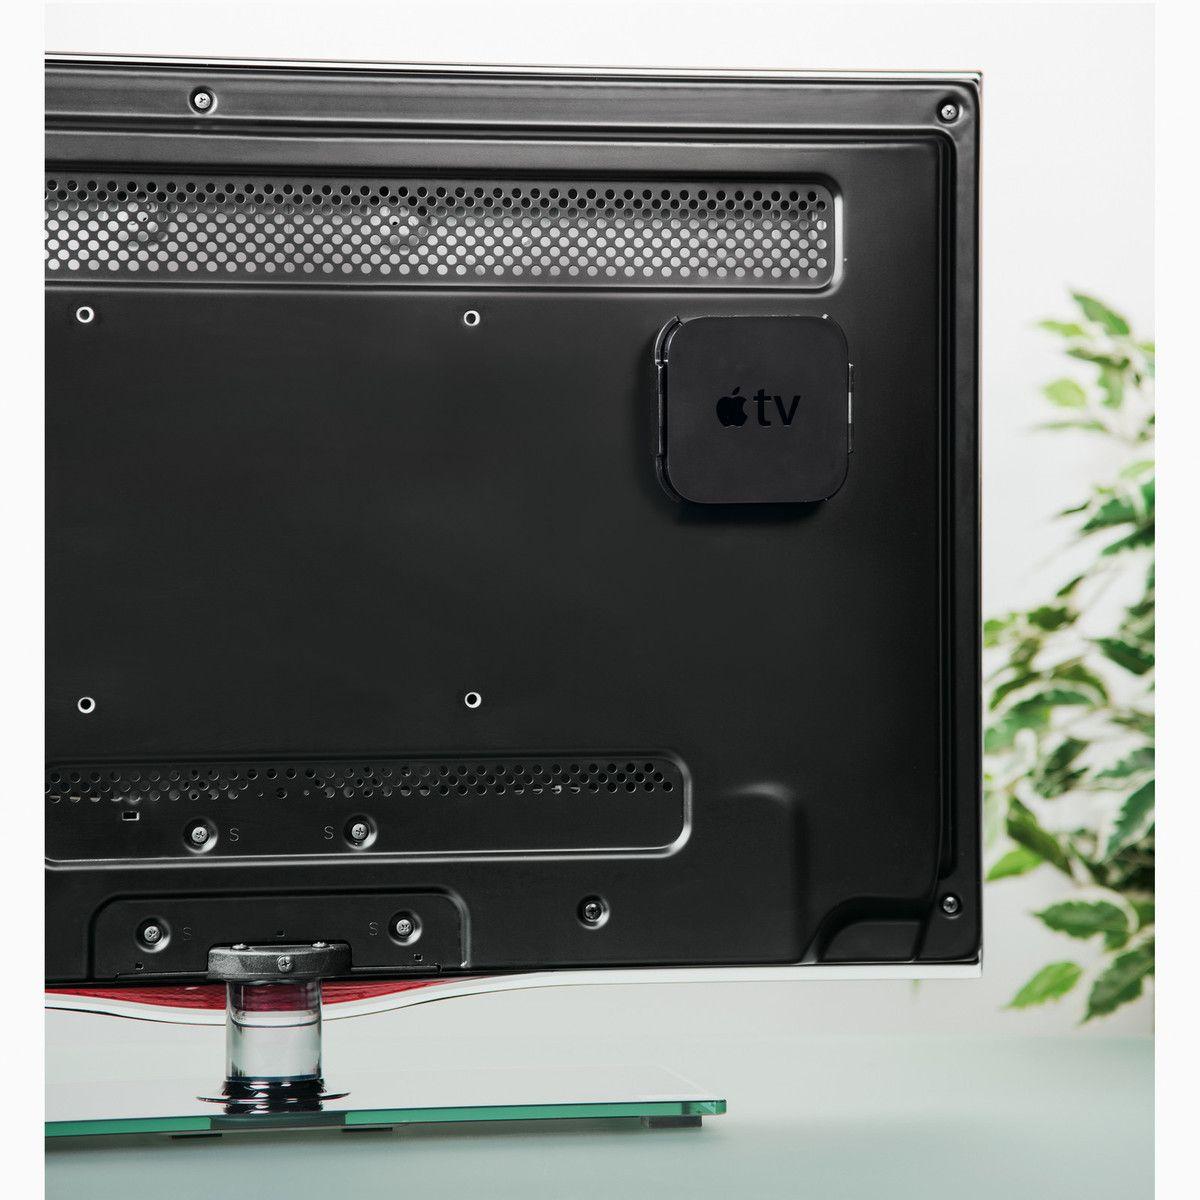 Miten yhdistän iOS-laitteen televisiooni, jotta voin katsoa Apple digitaalinen AV-sovitin - Tietokonetarvikkeet - Gigantti